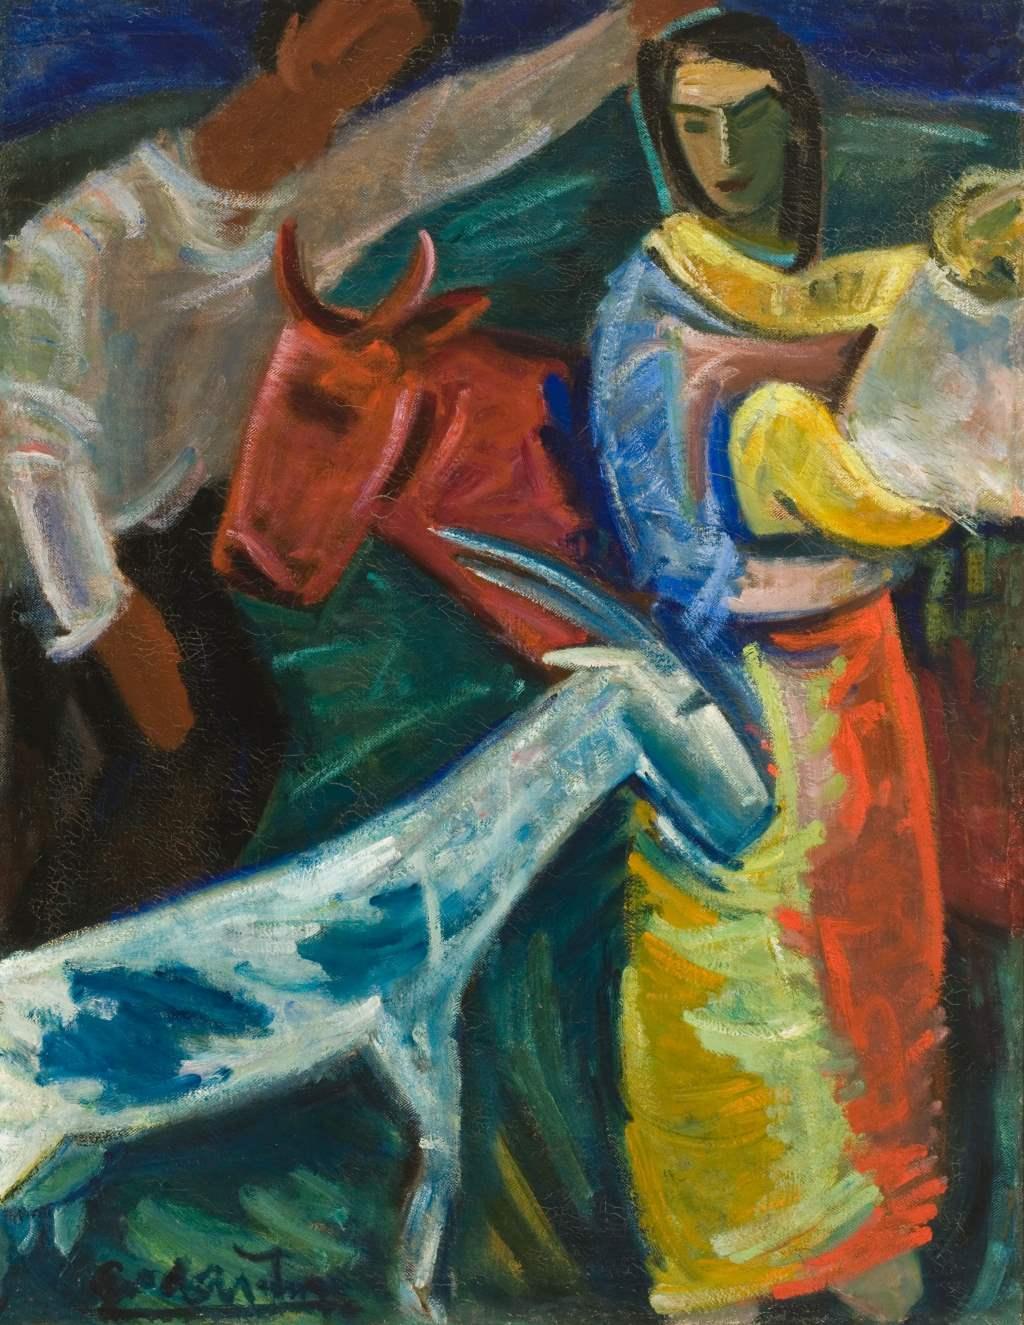 """Migration in der Kunst: """"Die neuen Siedler"""" (1933) von Antanas Gudaitis, Öl (113 x 88 cm). Litauische Nationalgalerie CC BY 4.0, über Europeana"""